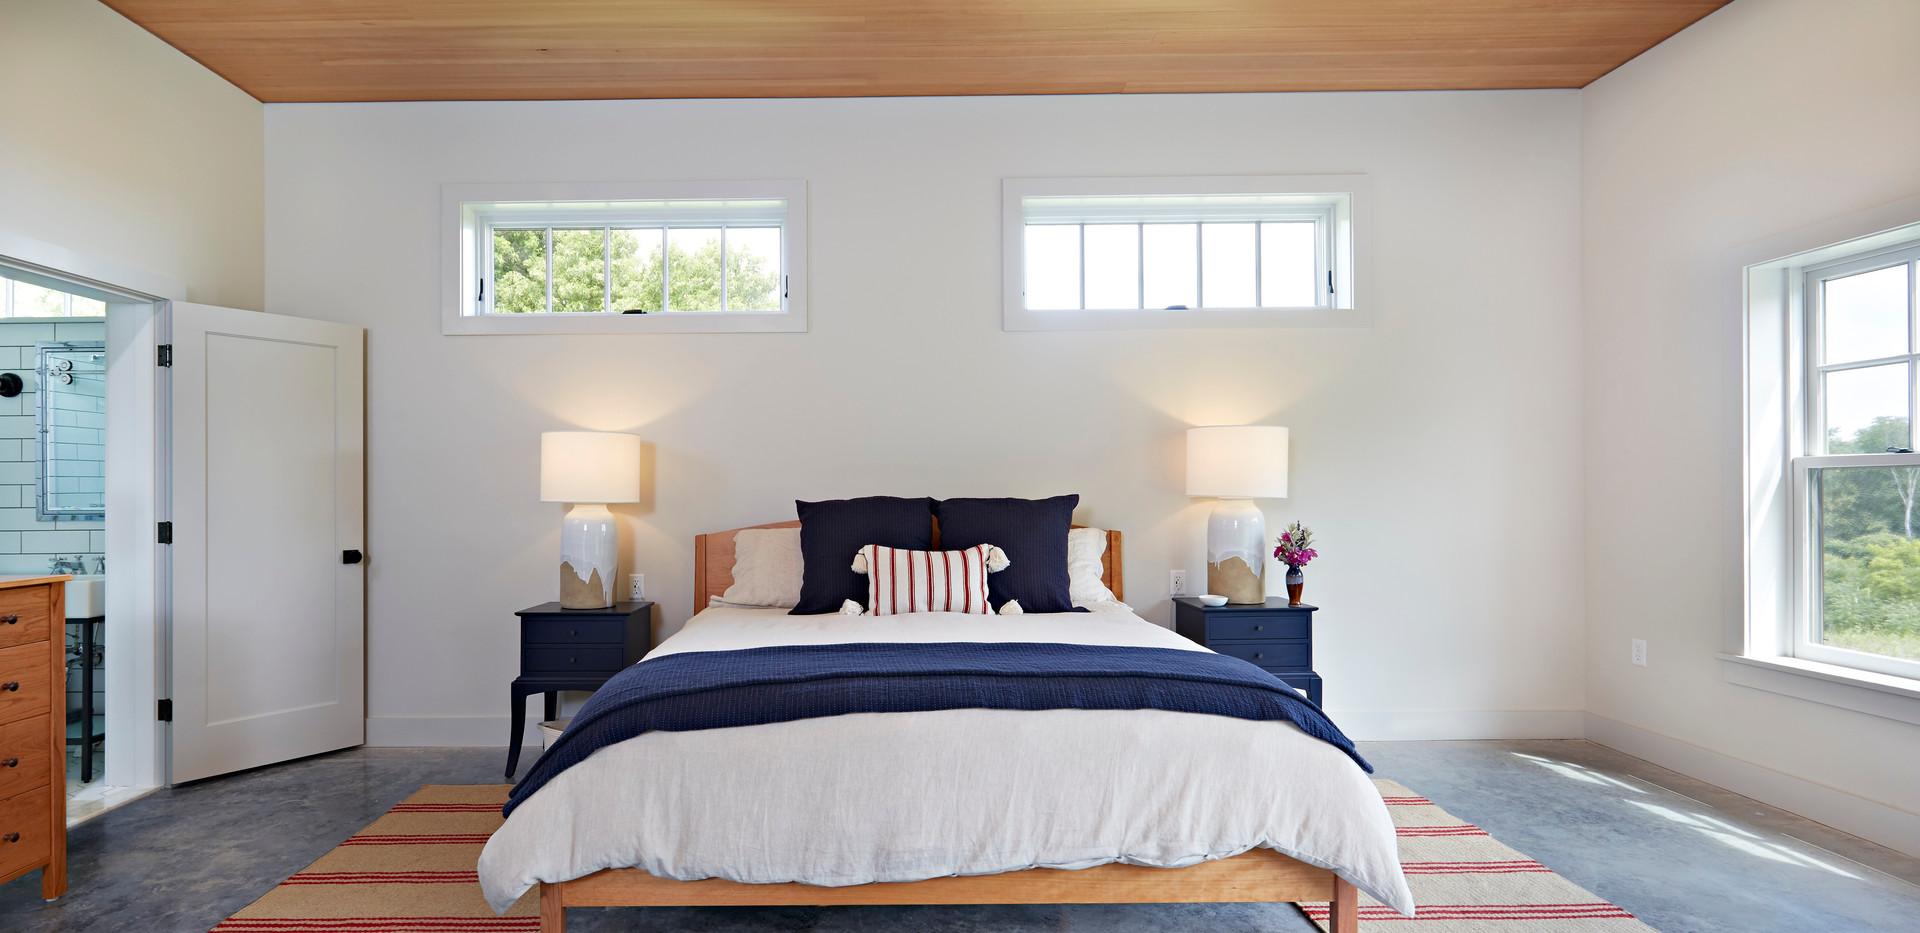 519-House_Bedroom-2B.jpg